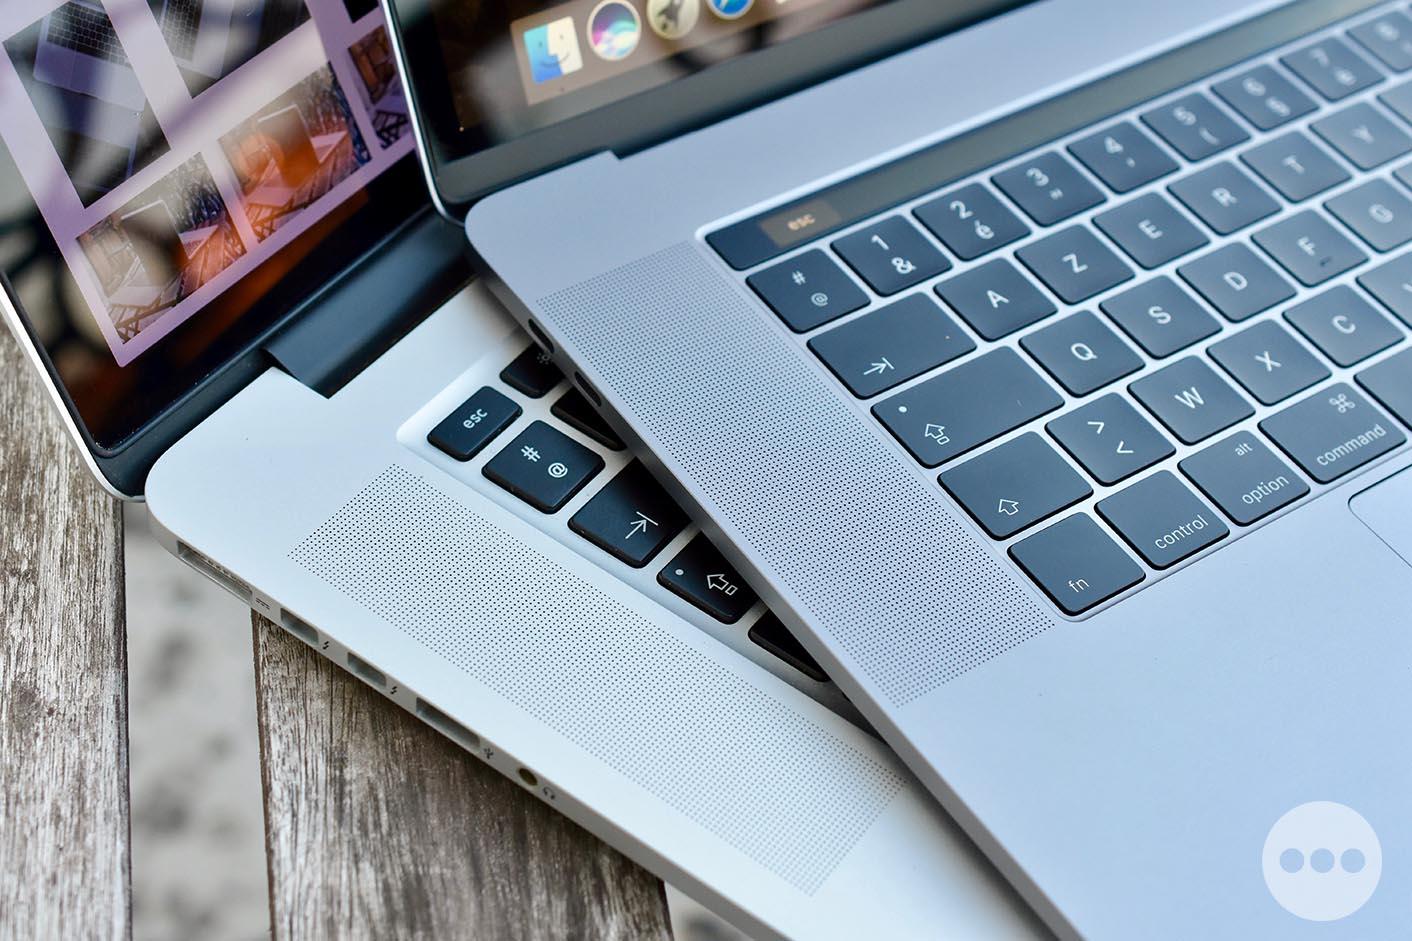 MacBook Pro 2016 clavier